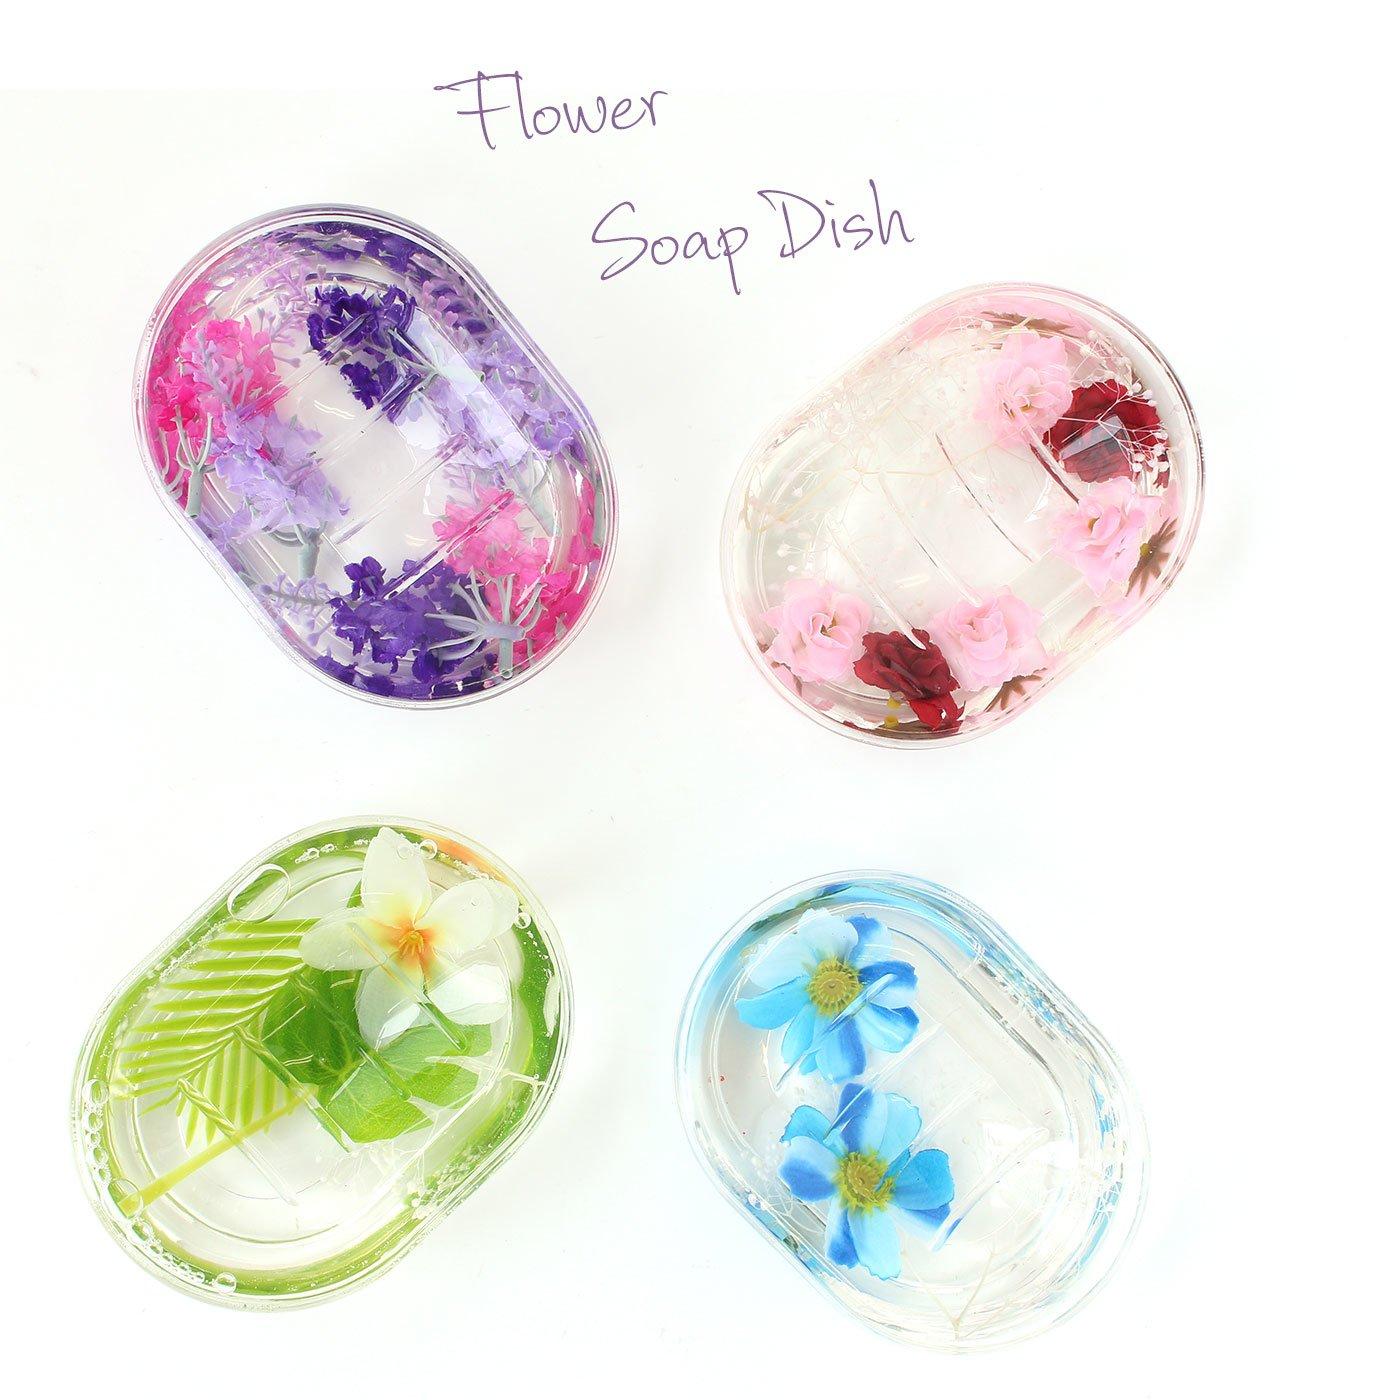 フラワーアクアリウム 洗面台をさわやかに彩るソープディッシュ